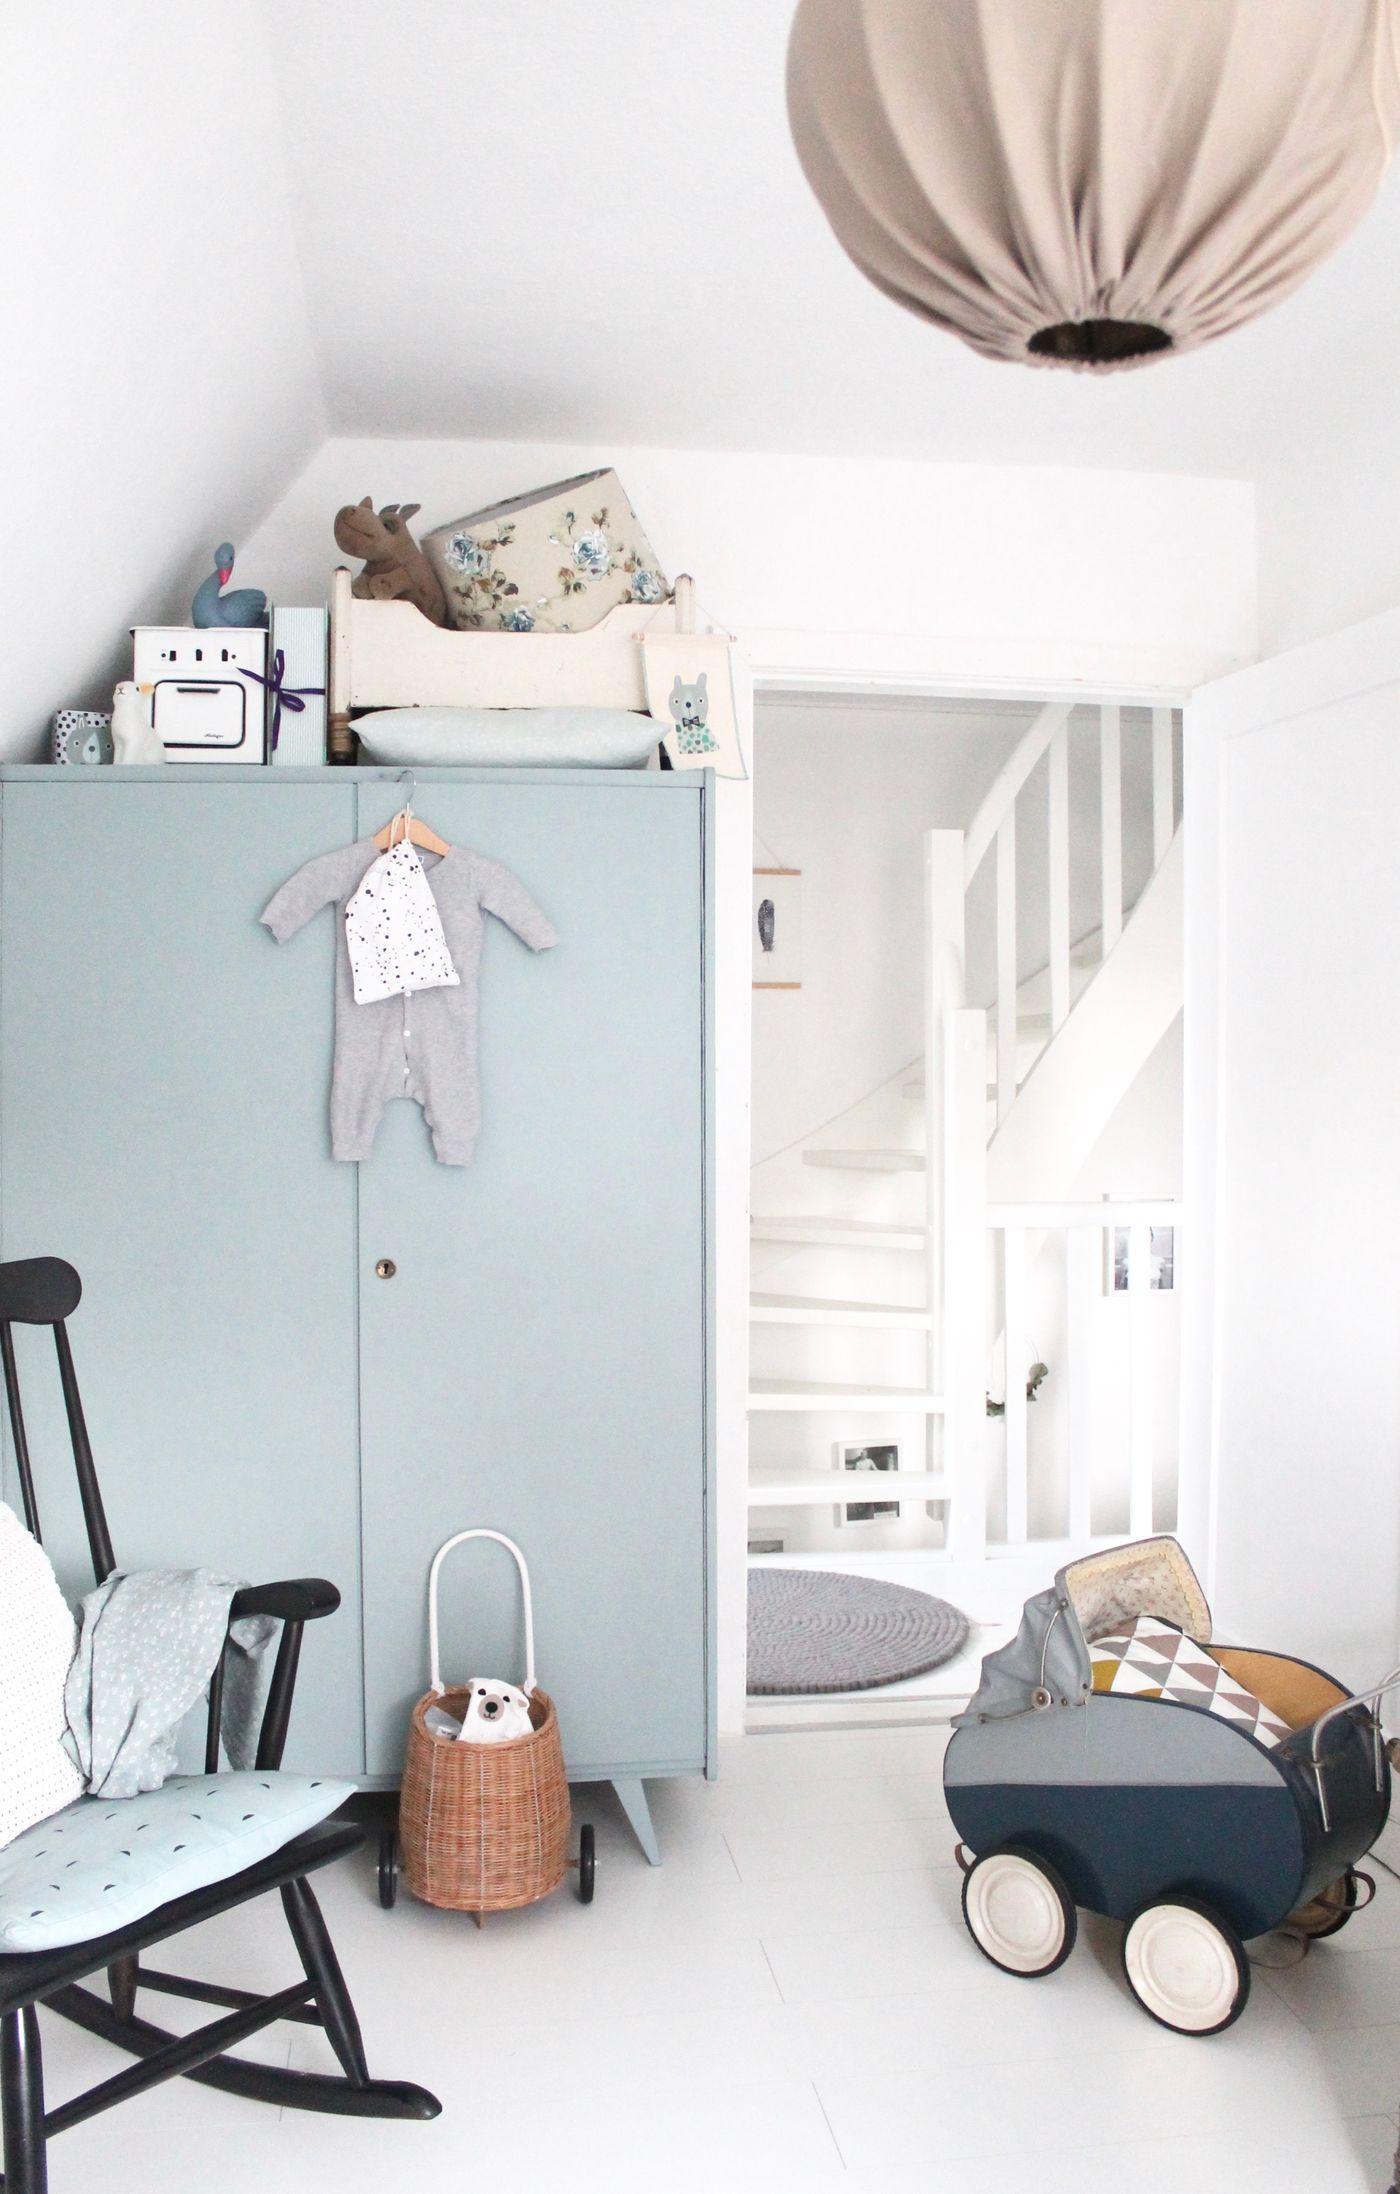 zimmer einrichten retro kleine wohnung einrichten 68 inspirierende ideen und vorschl ge. Black Bedroom Furniture Sets. Home Design Ideas